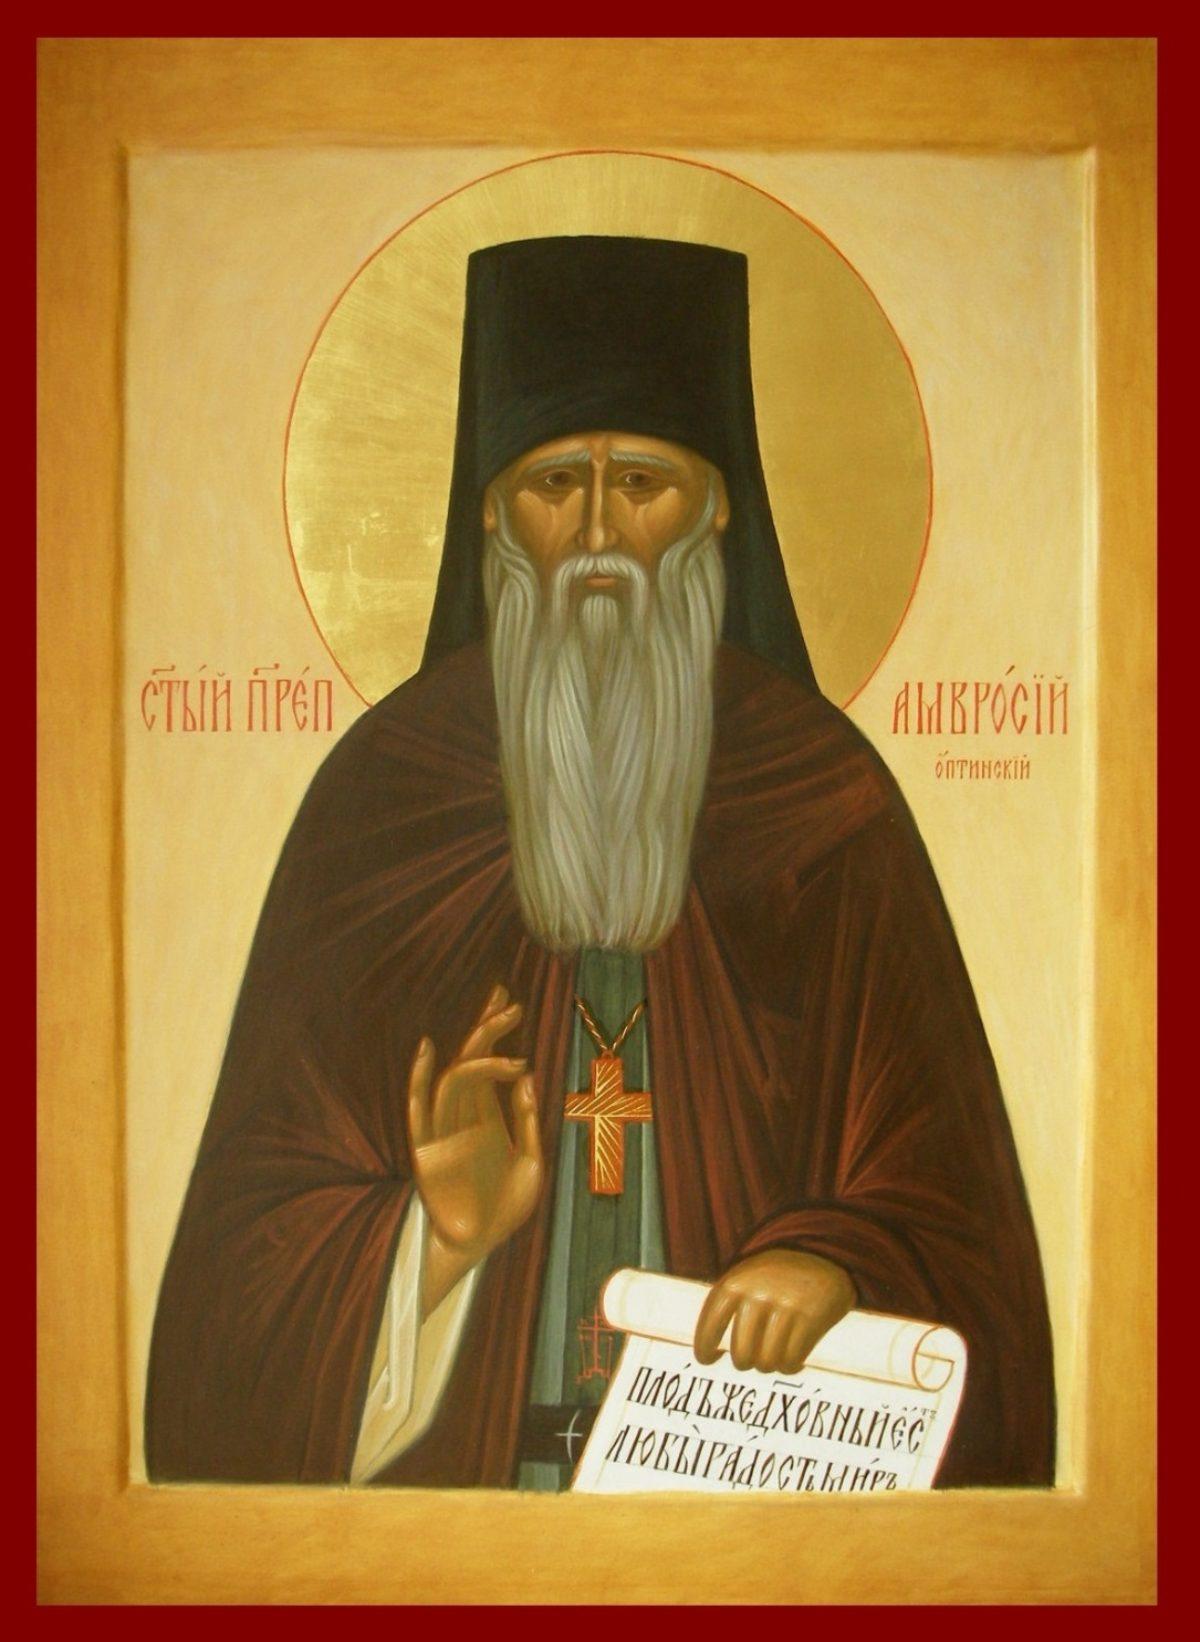 Крест преподобного Амвросия Оптинского